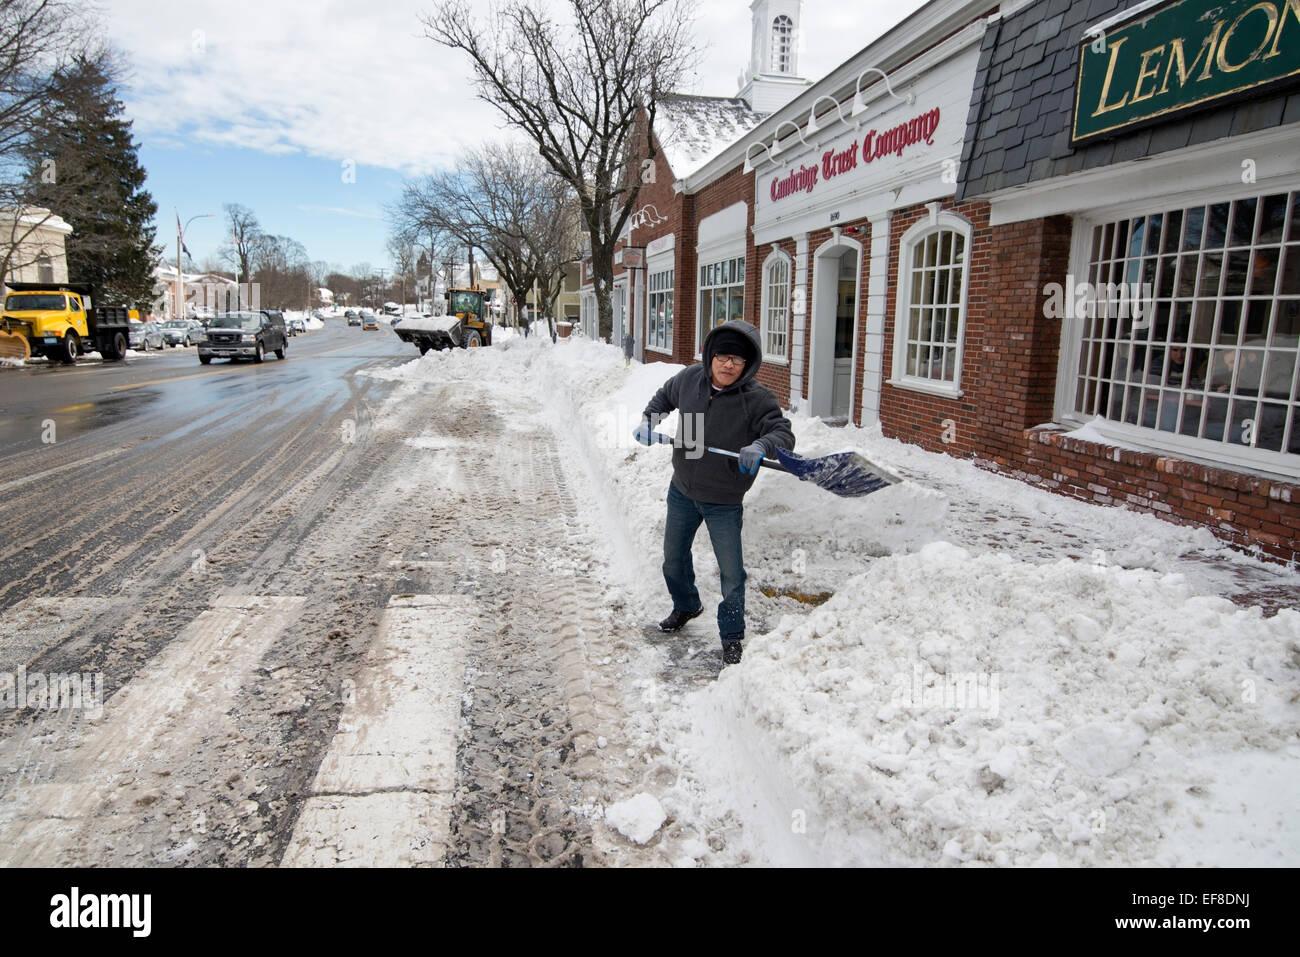 Lexington Ma Usa 28 Jan 2015 Man Shoveling Snow Outside